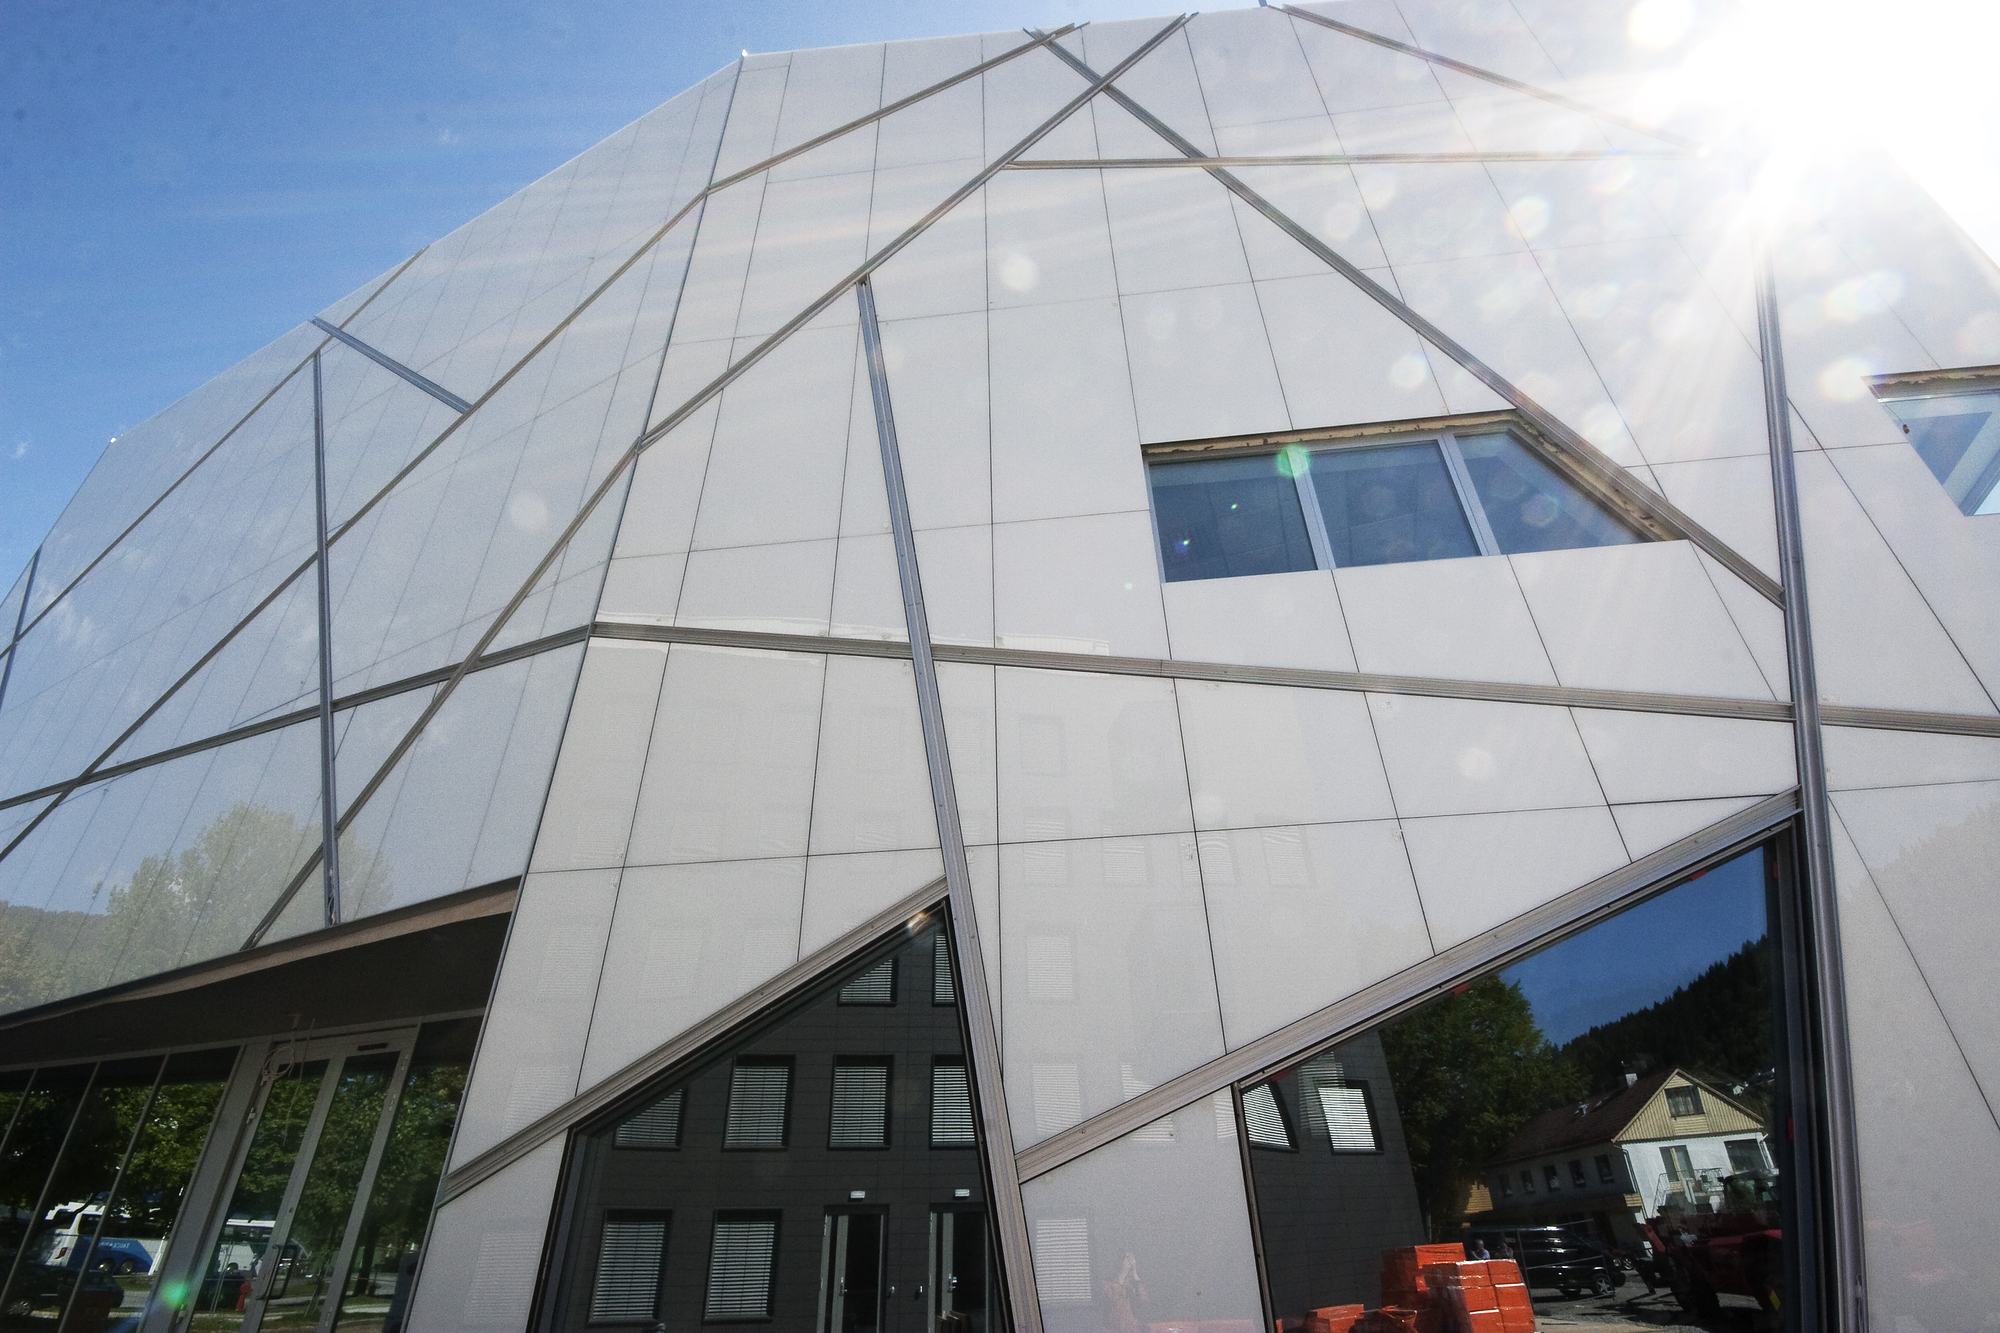 Sogn & Fjordane Art Museum / C.F. Møller Architects